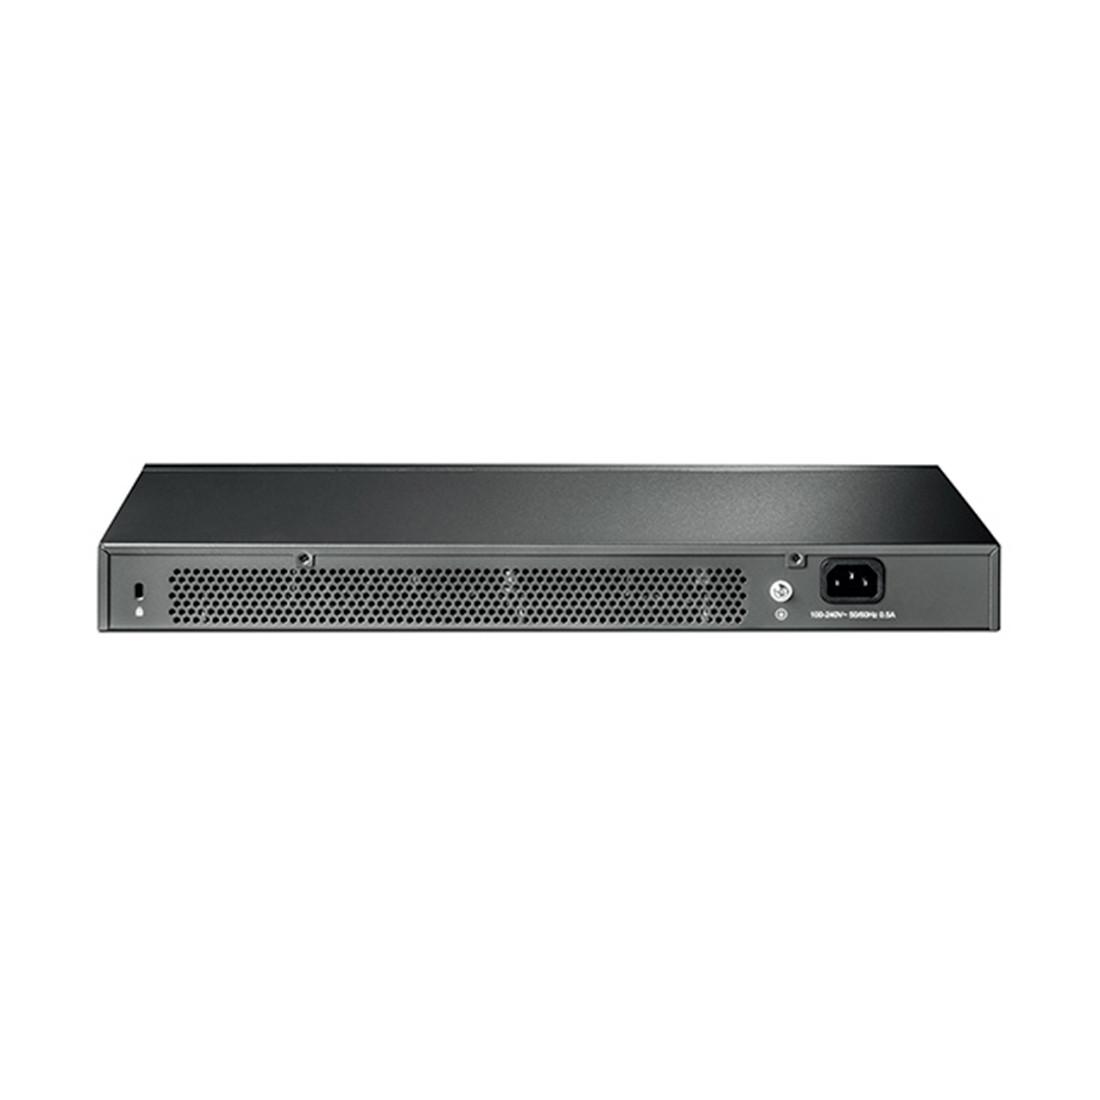 Коммутатор TP-Link T1600G-28TS(UN) стоечный 24 порта